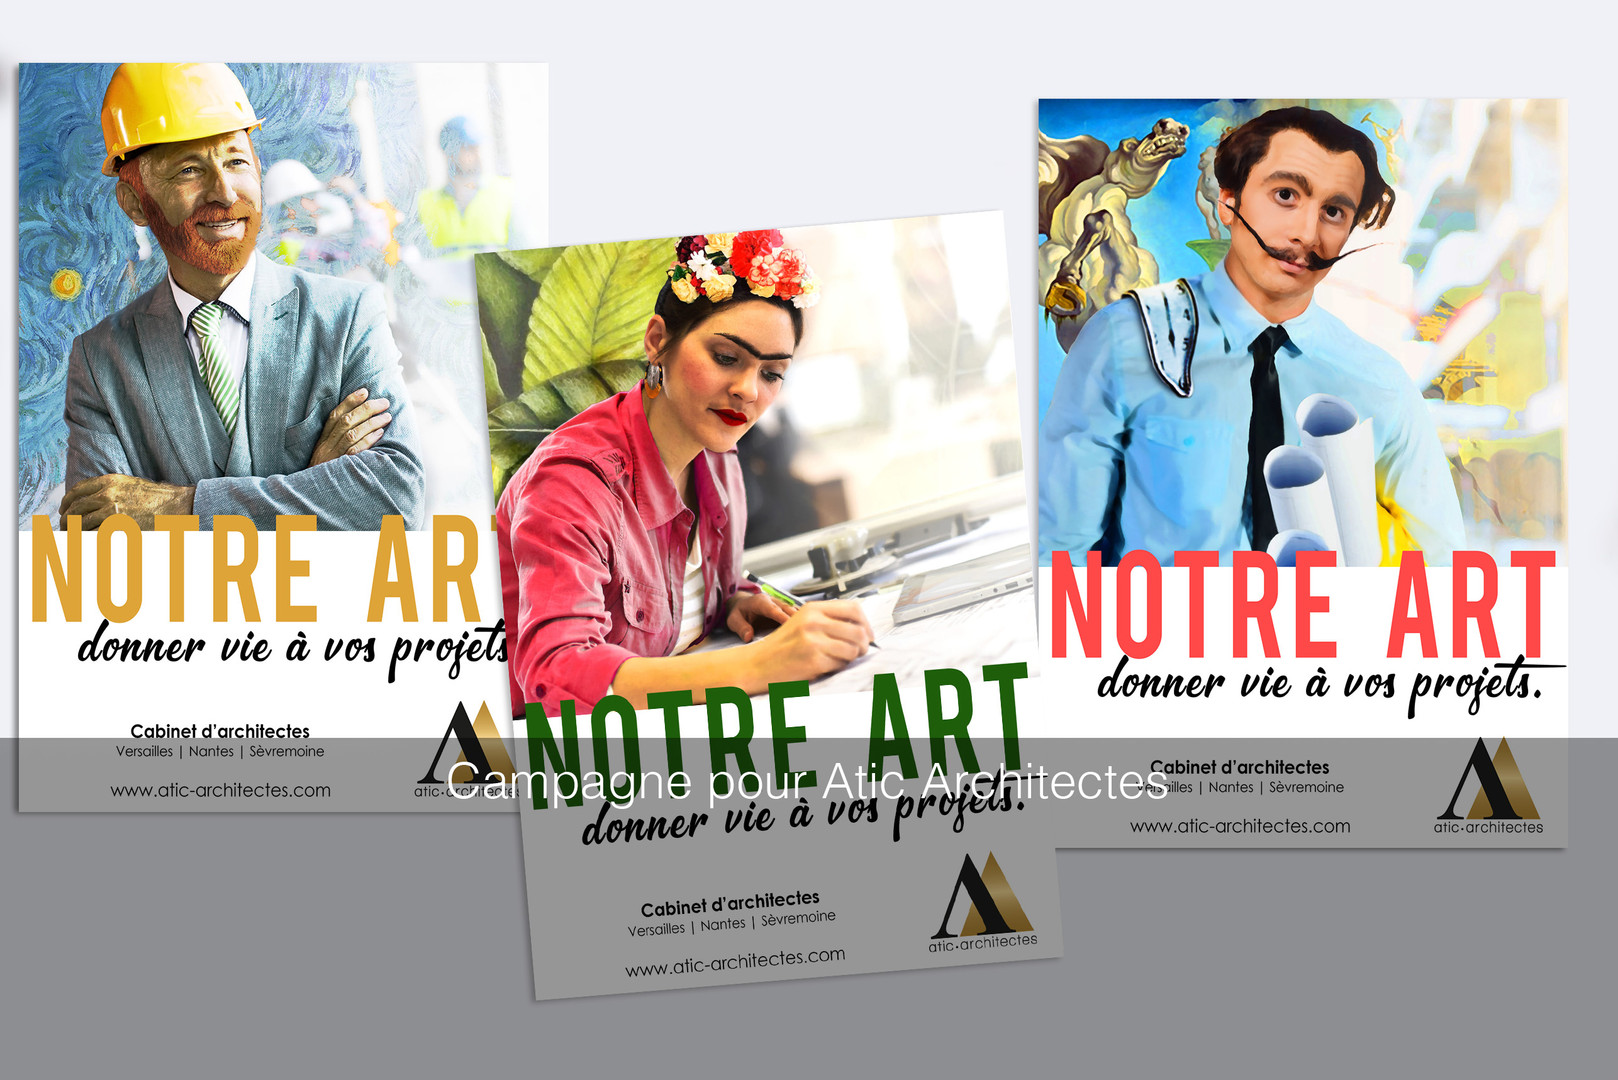 Campagne publicitaire pour Atic Architec